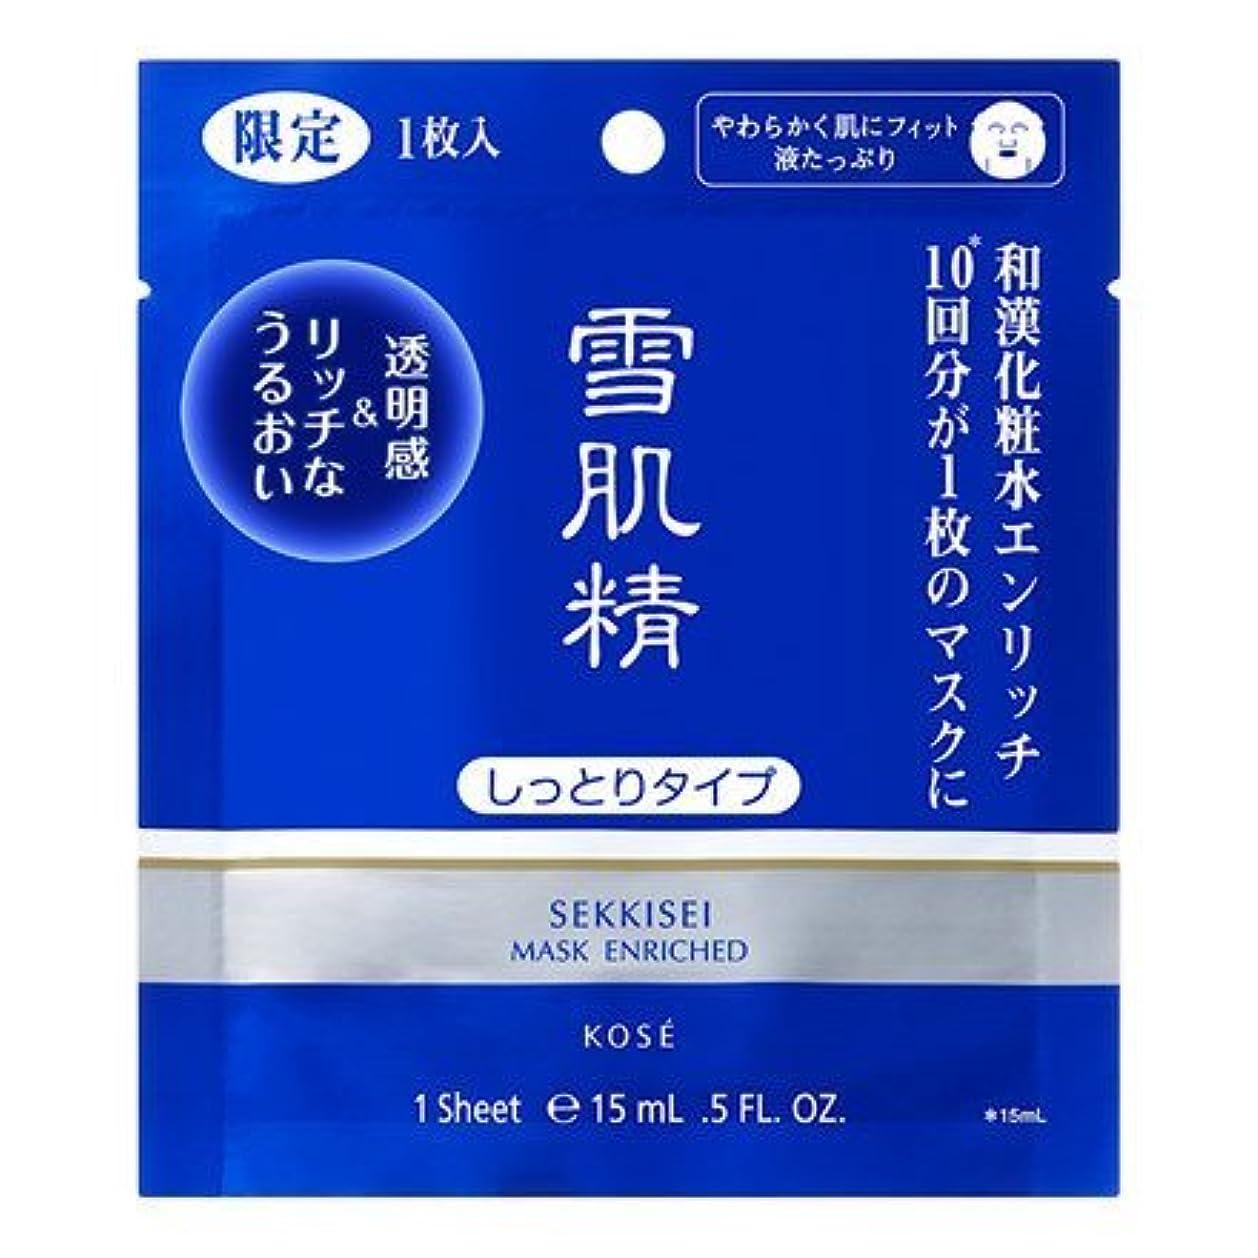 硬い資本アーサーコナンドイル6枚セット 薬用 雪肌精 美容 マスク エンリッチ 【限定】